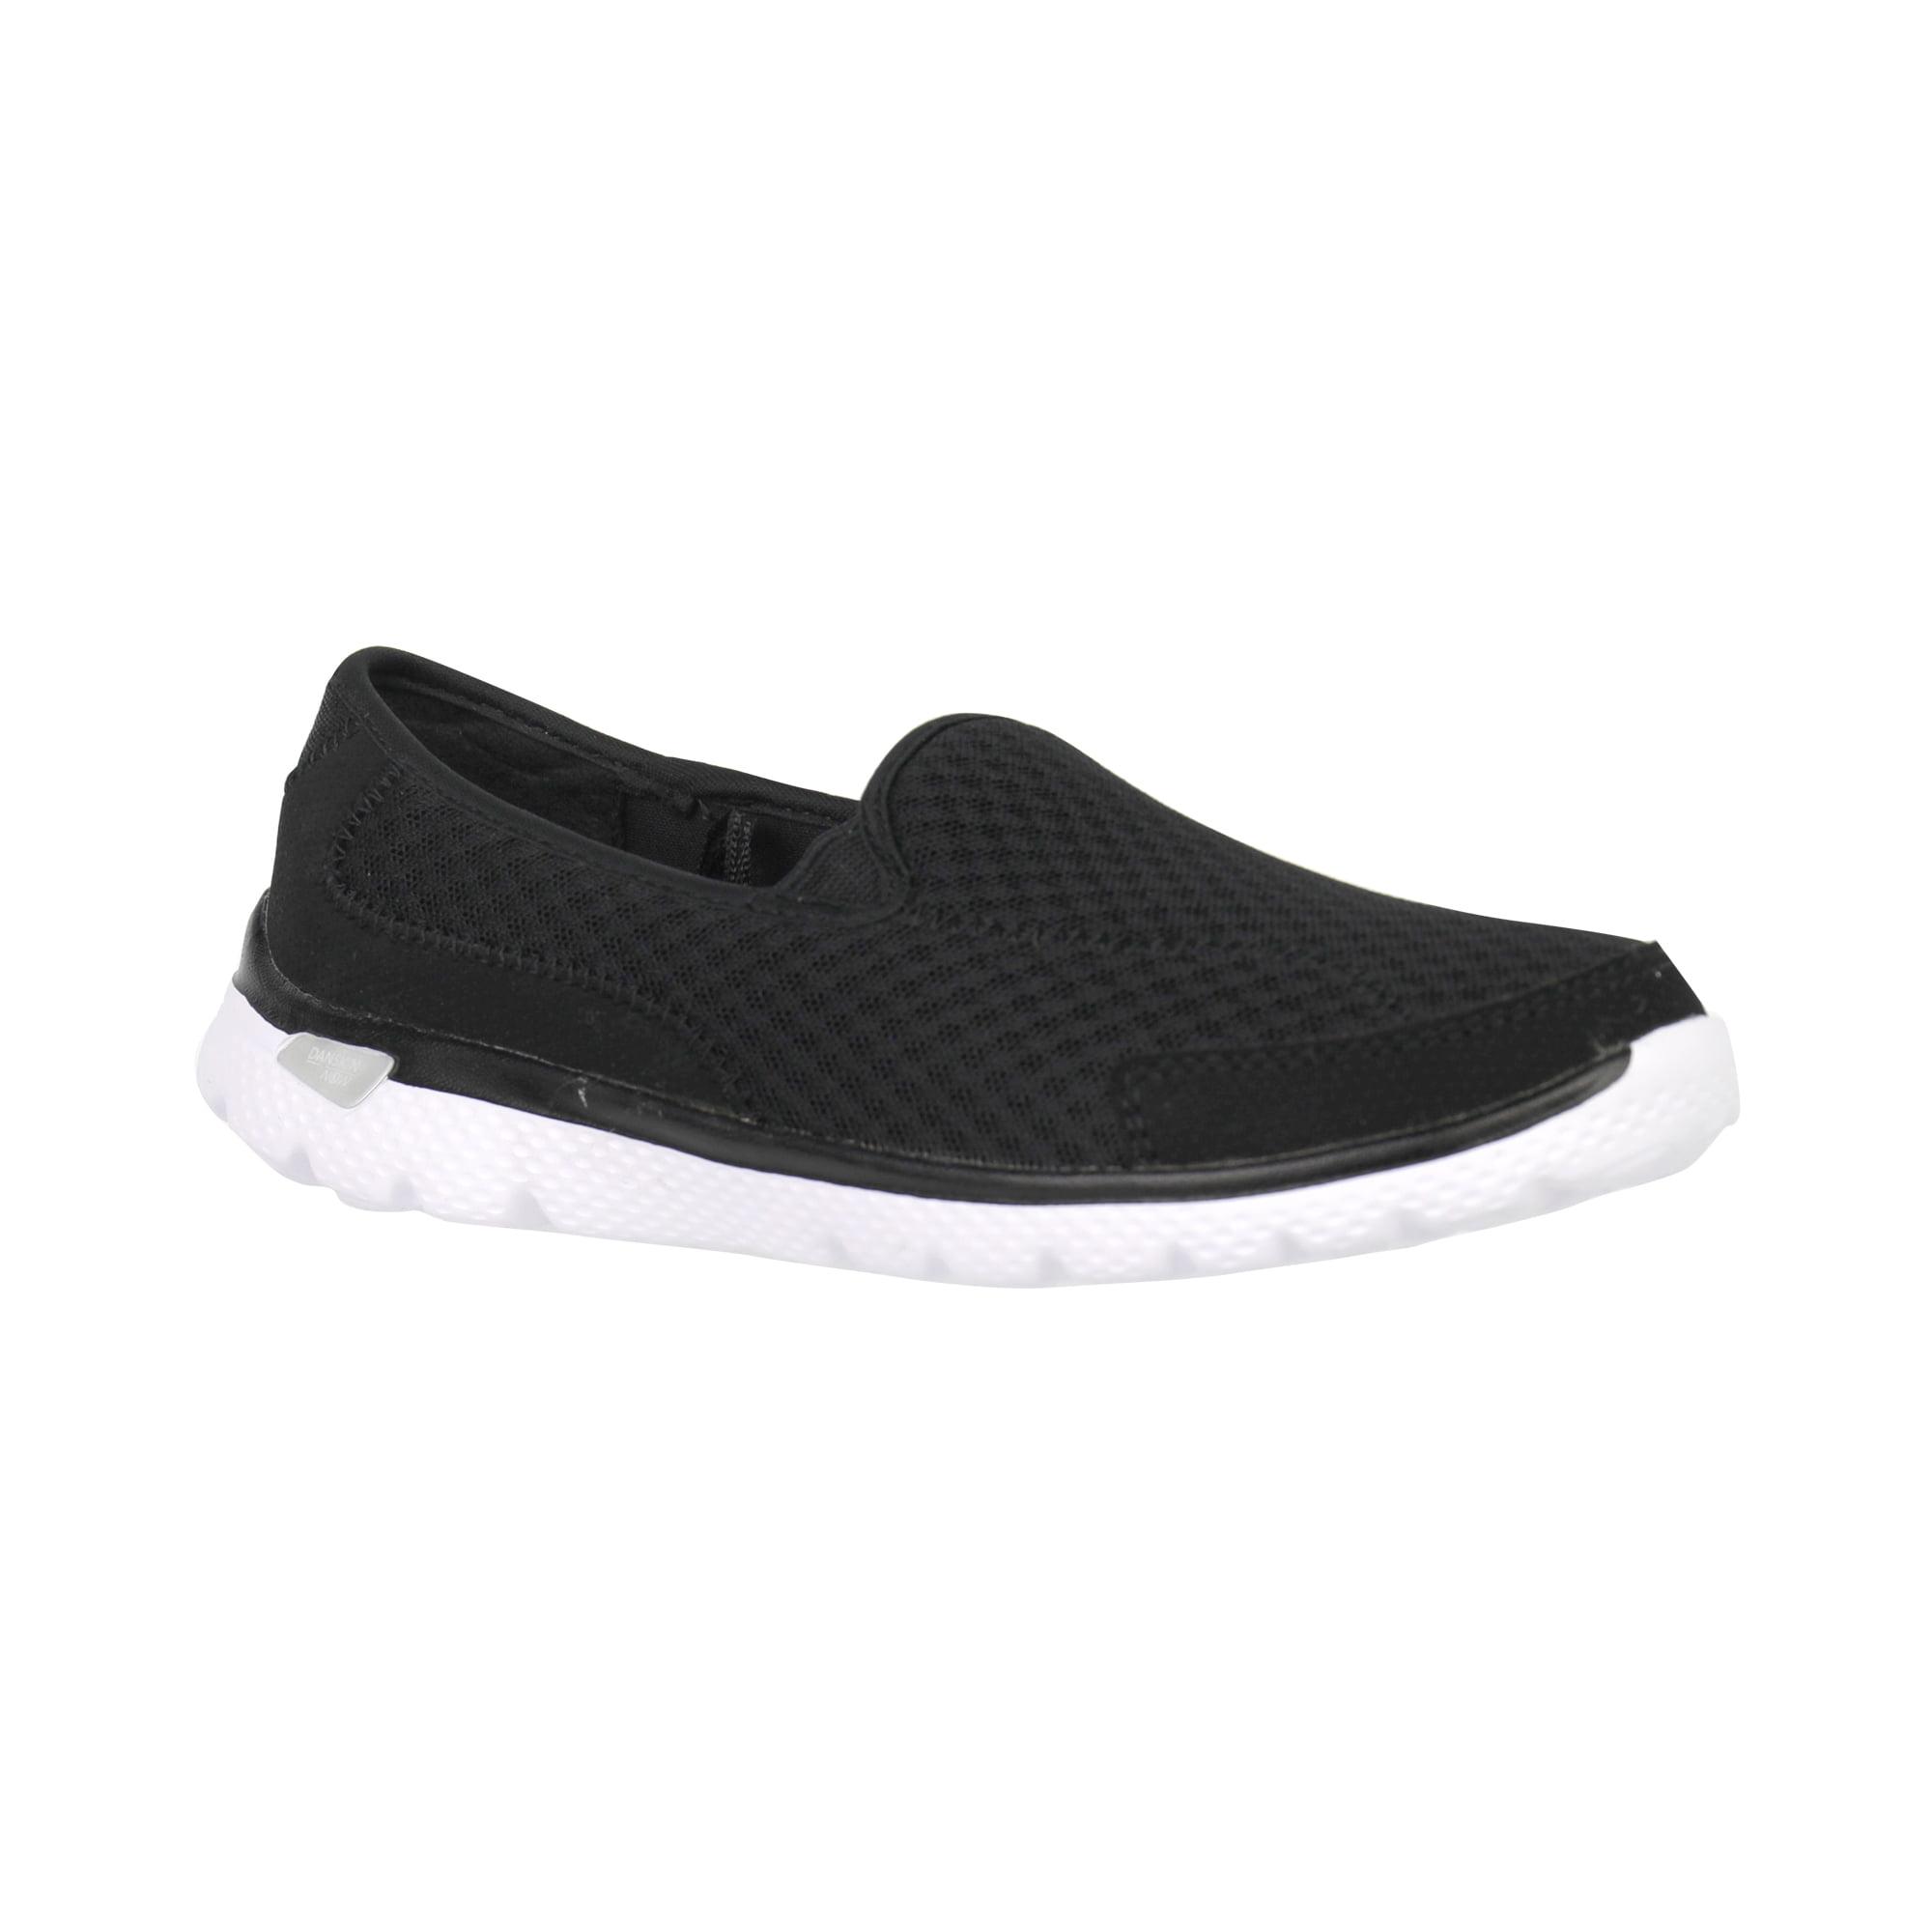 Danskin Now Women's Athletic Knit Slip On Shoe by Generic